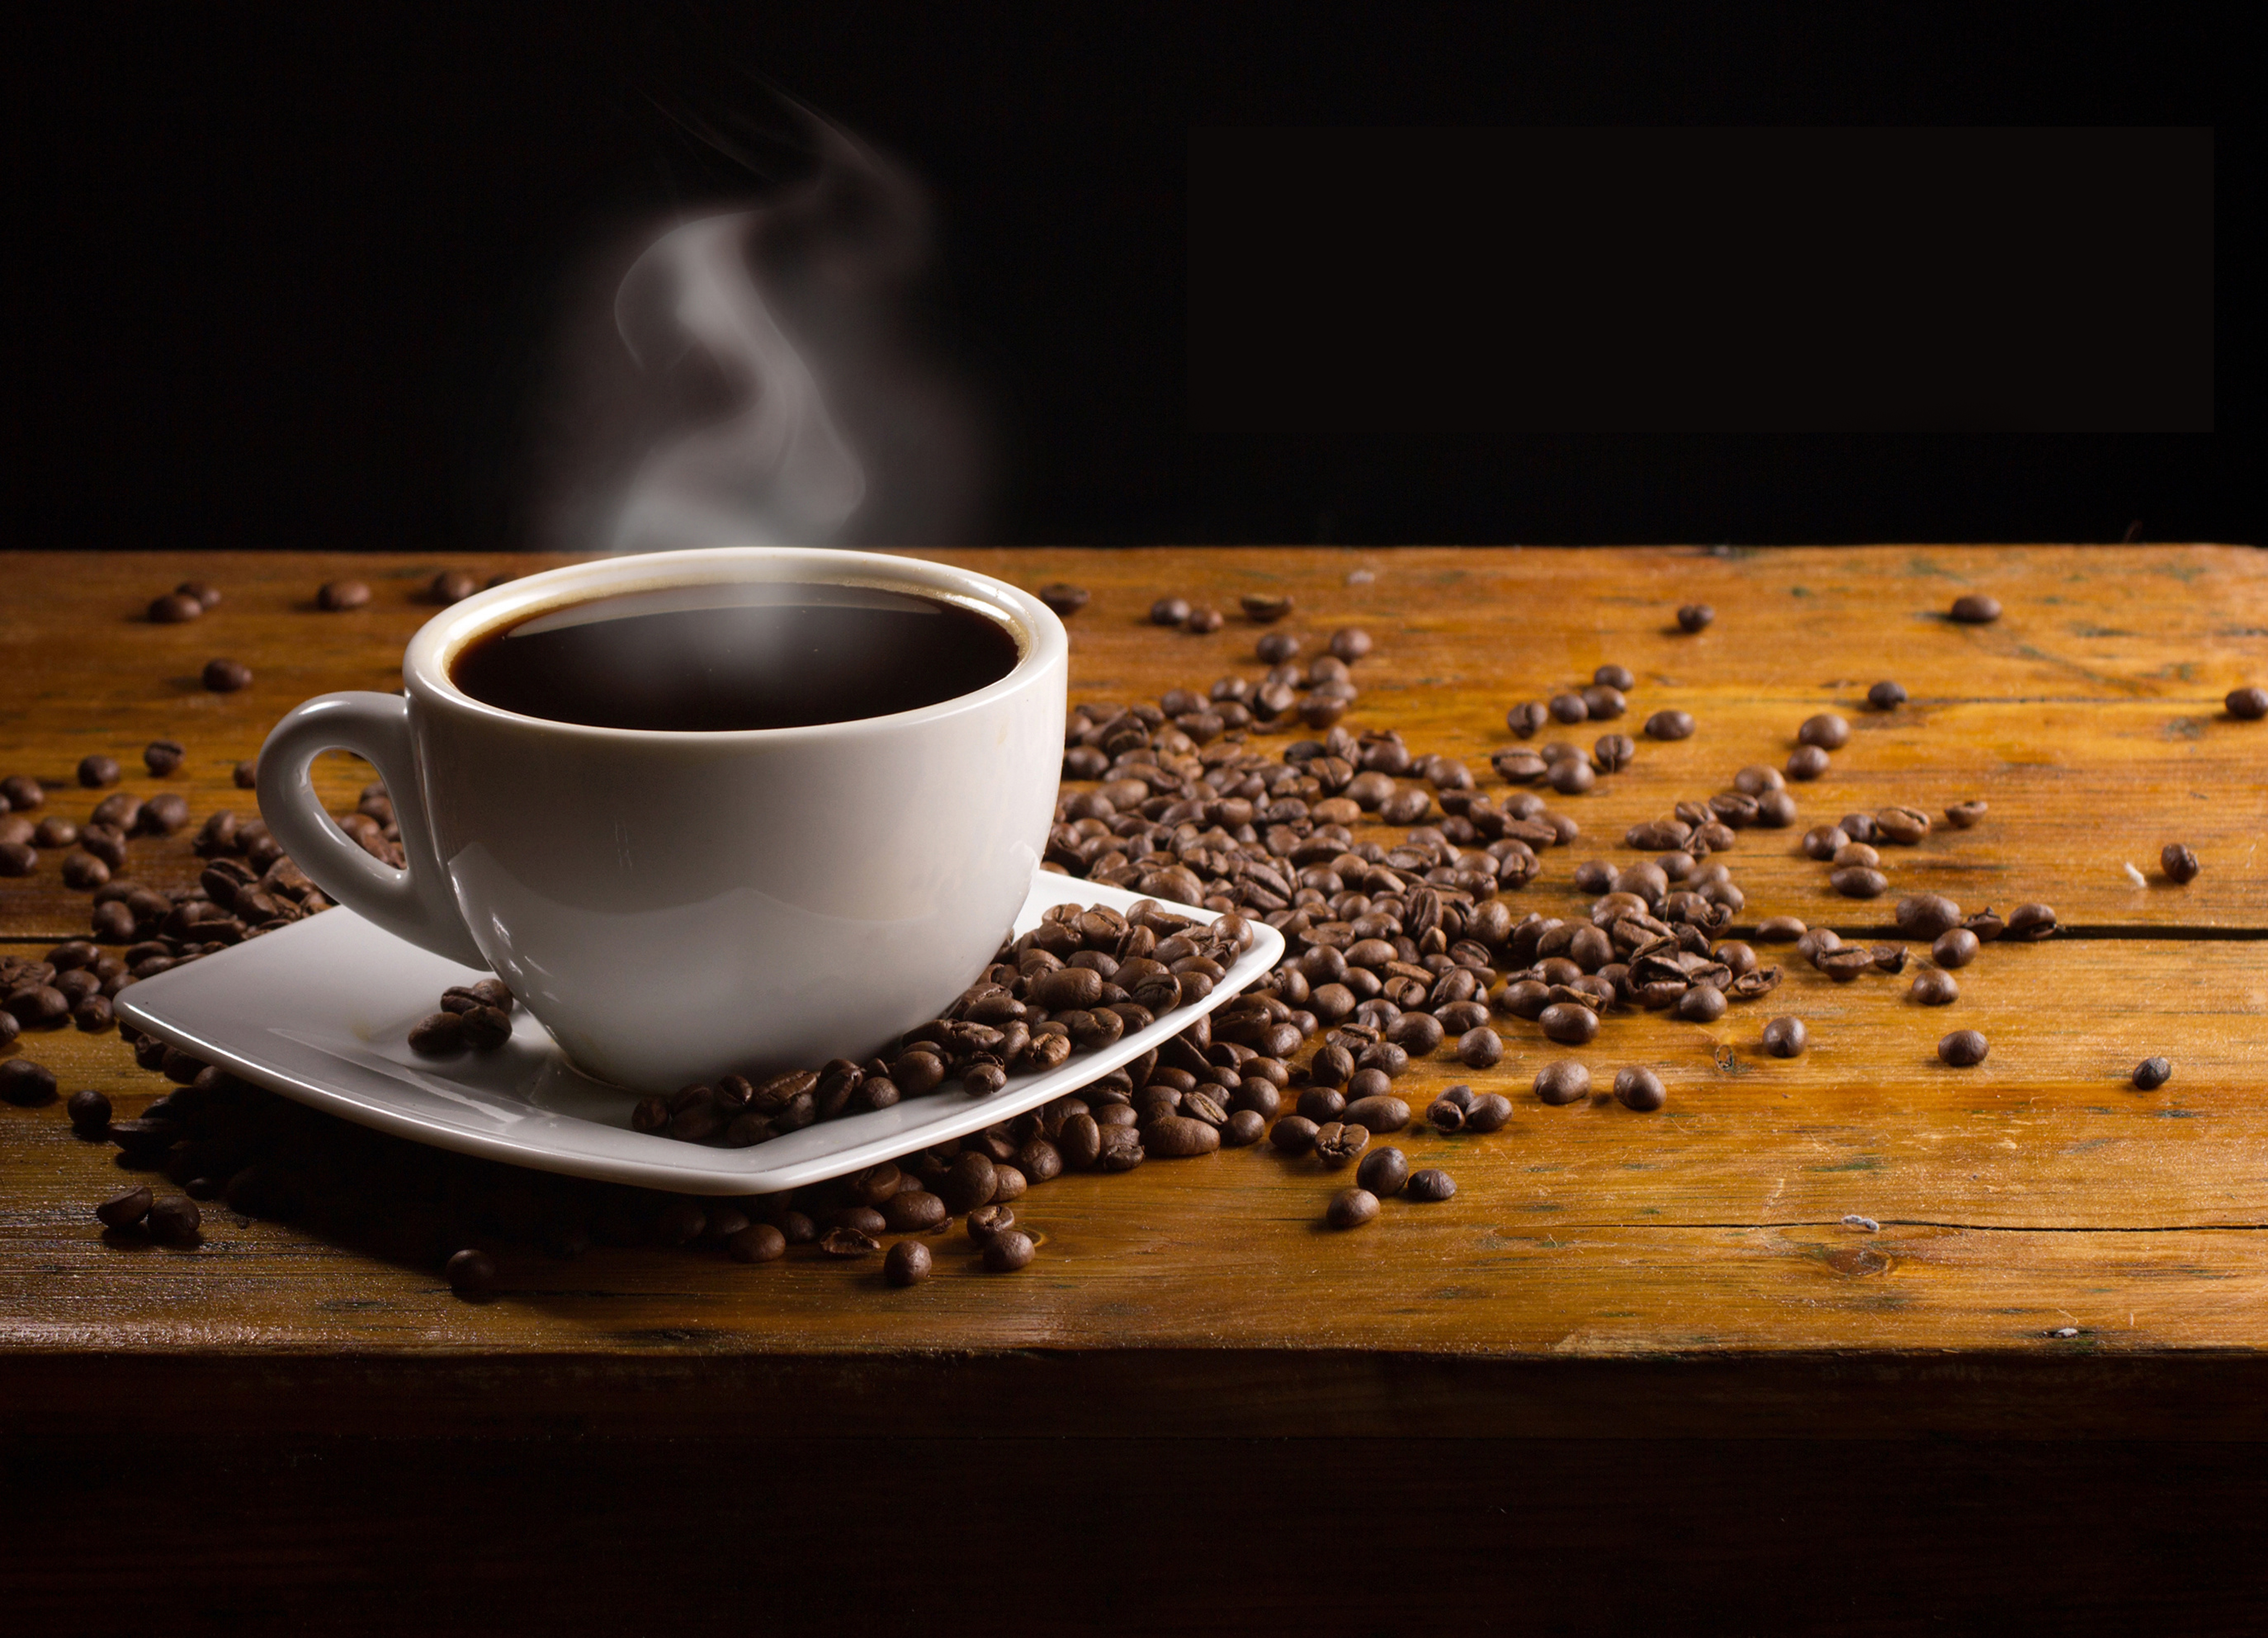 кофе чашка блюдце  № 2172540 без смс